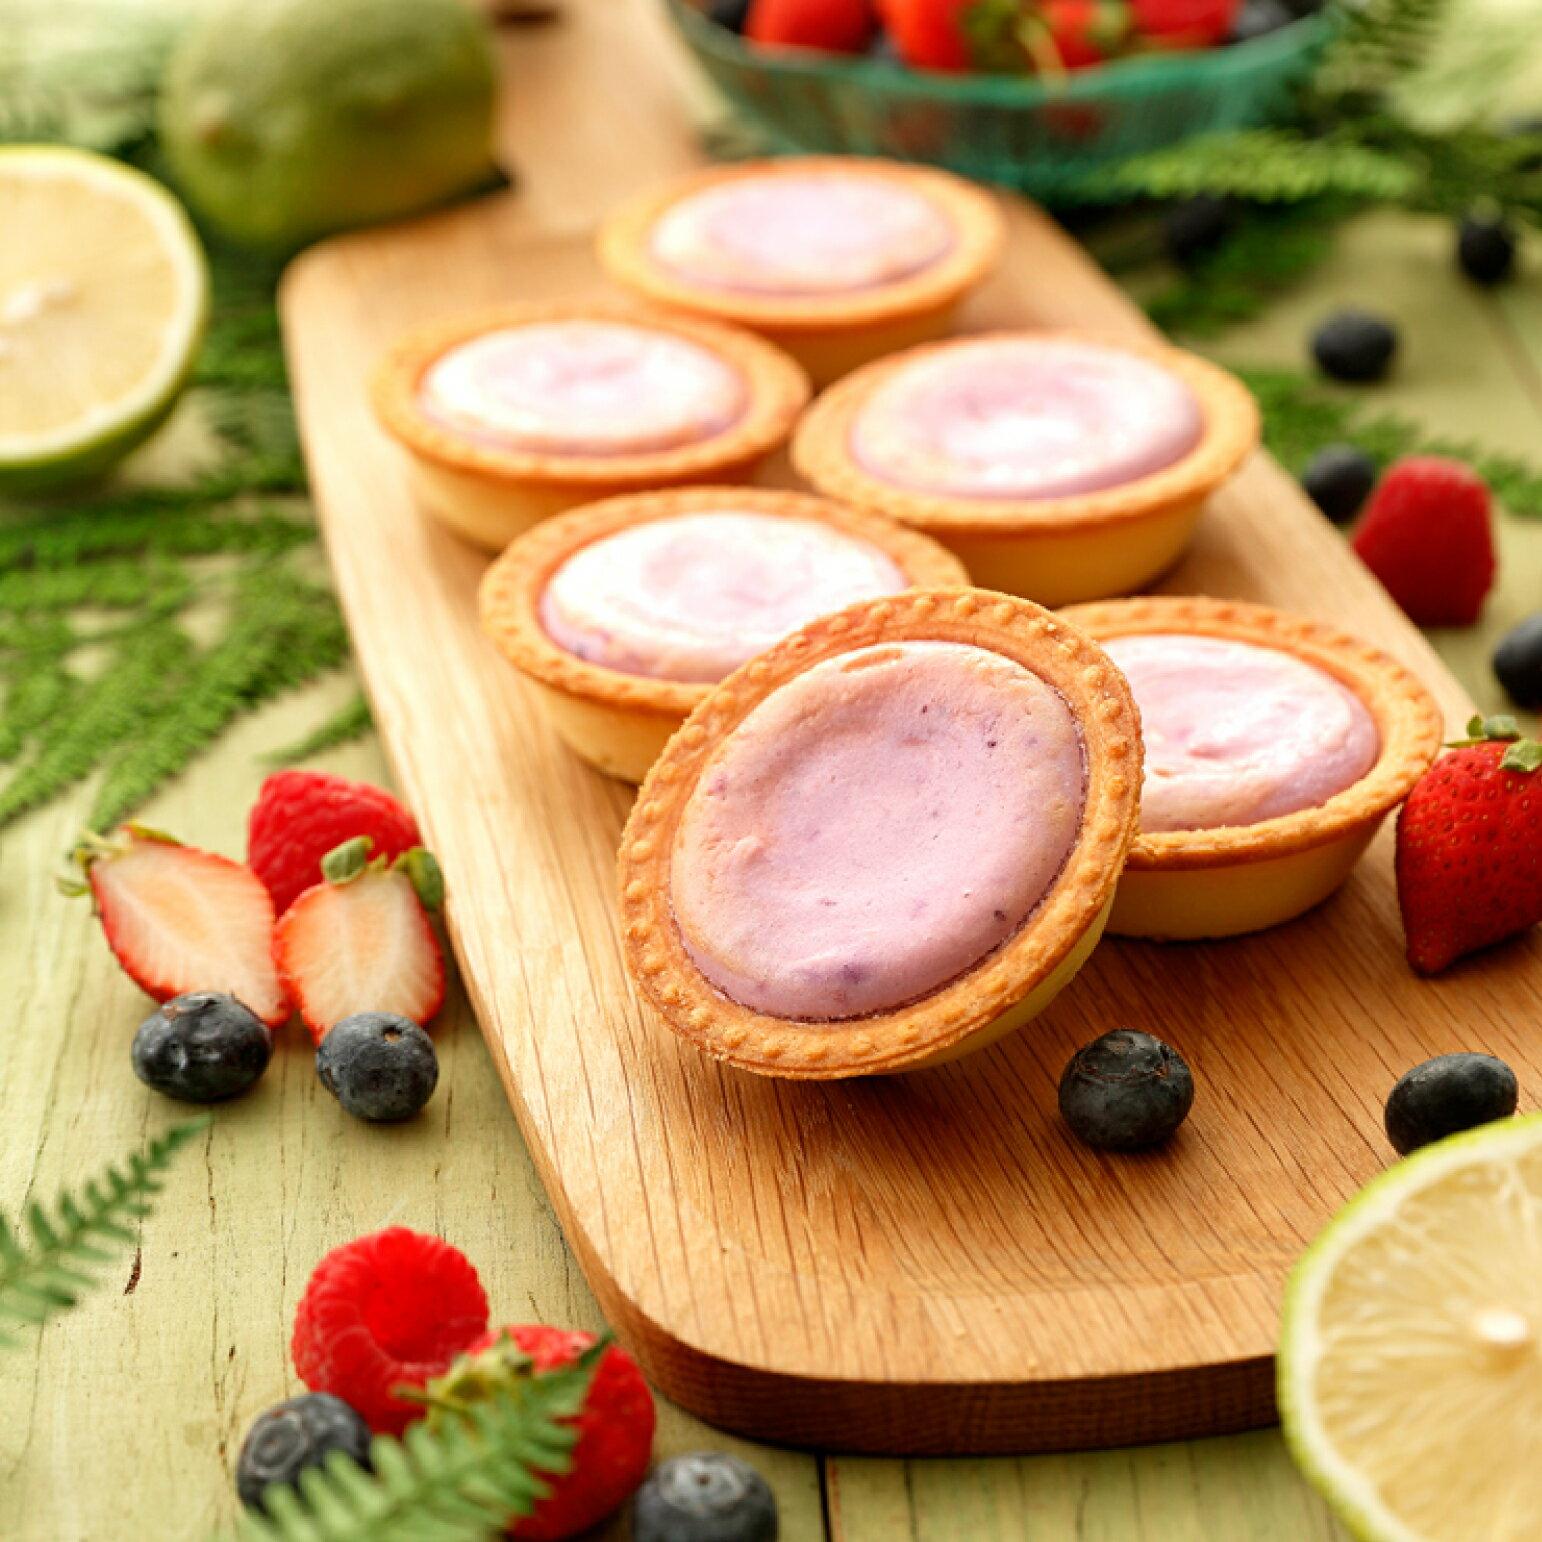 【安普蕾修Sweets】綜合莓果起士塔 (10入 / 盒) 團購  甜點  下午茶   禮盒  蛋糕 蛋奶素 3